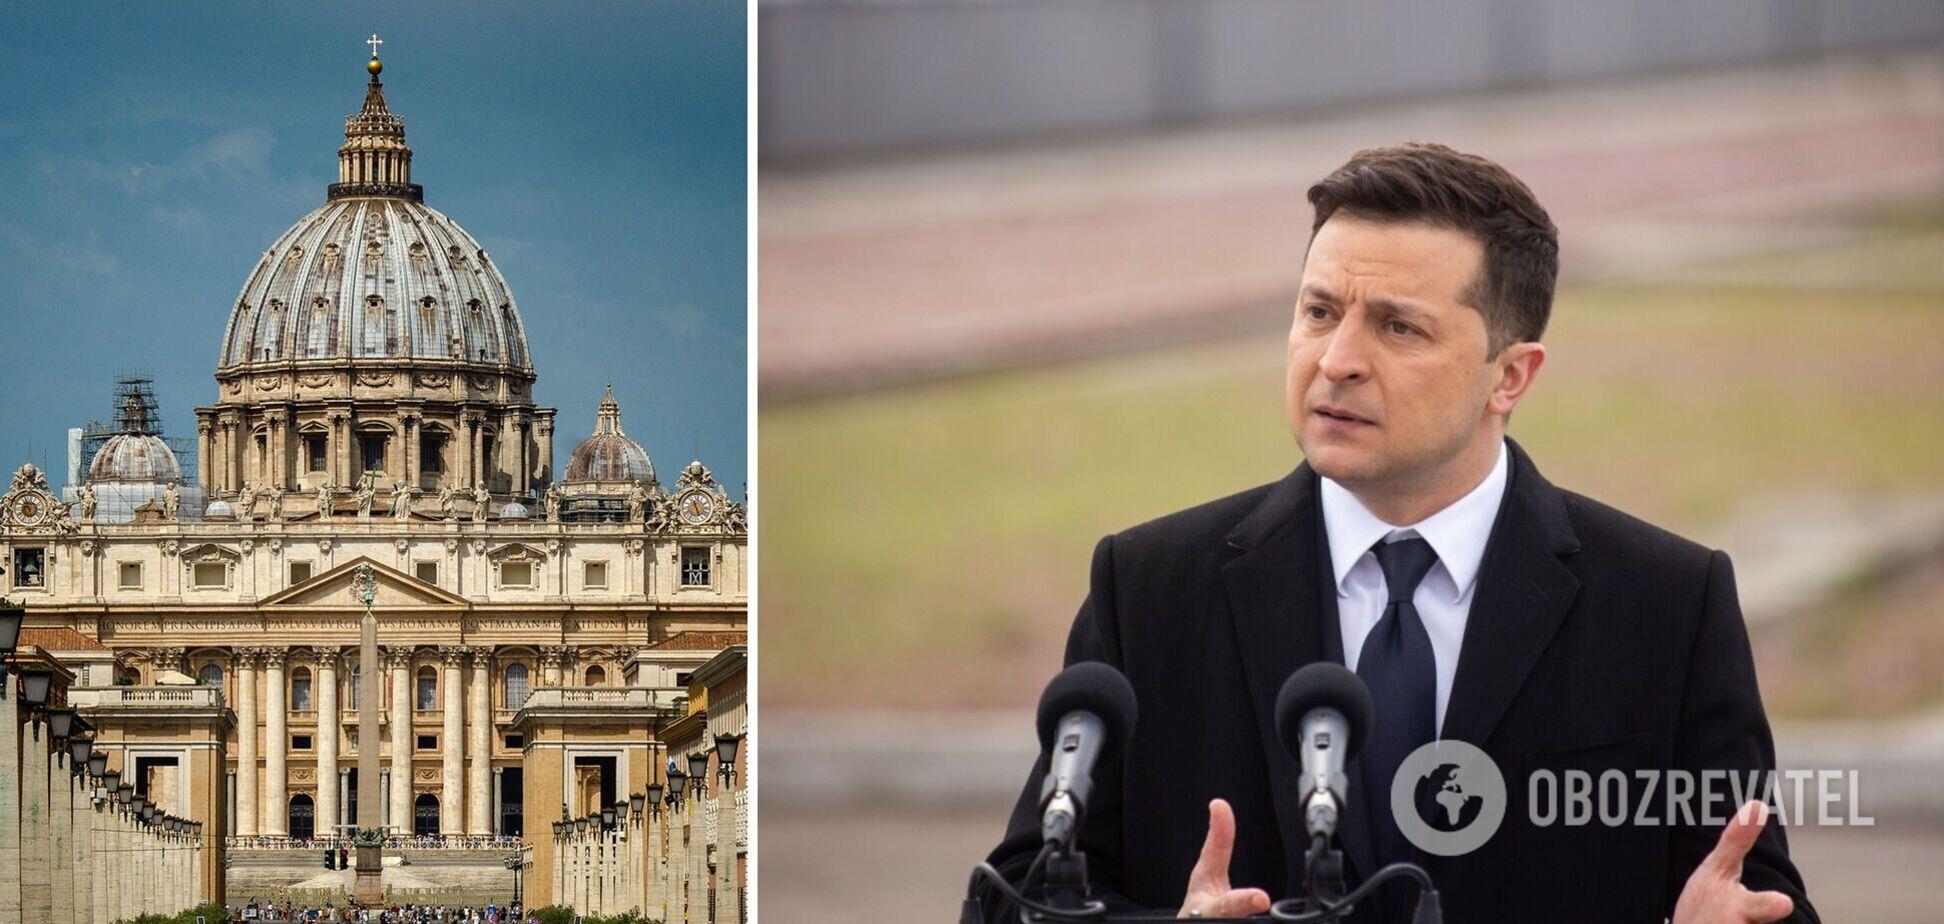 Зеленський: спокою у Європі не буде, доки немає миру в Україні